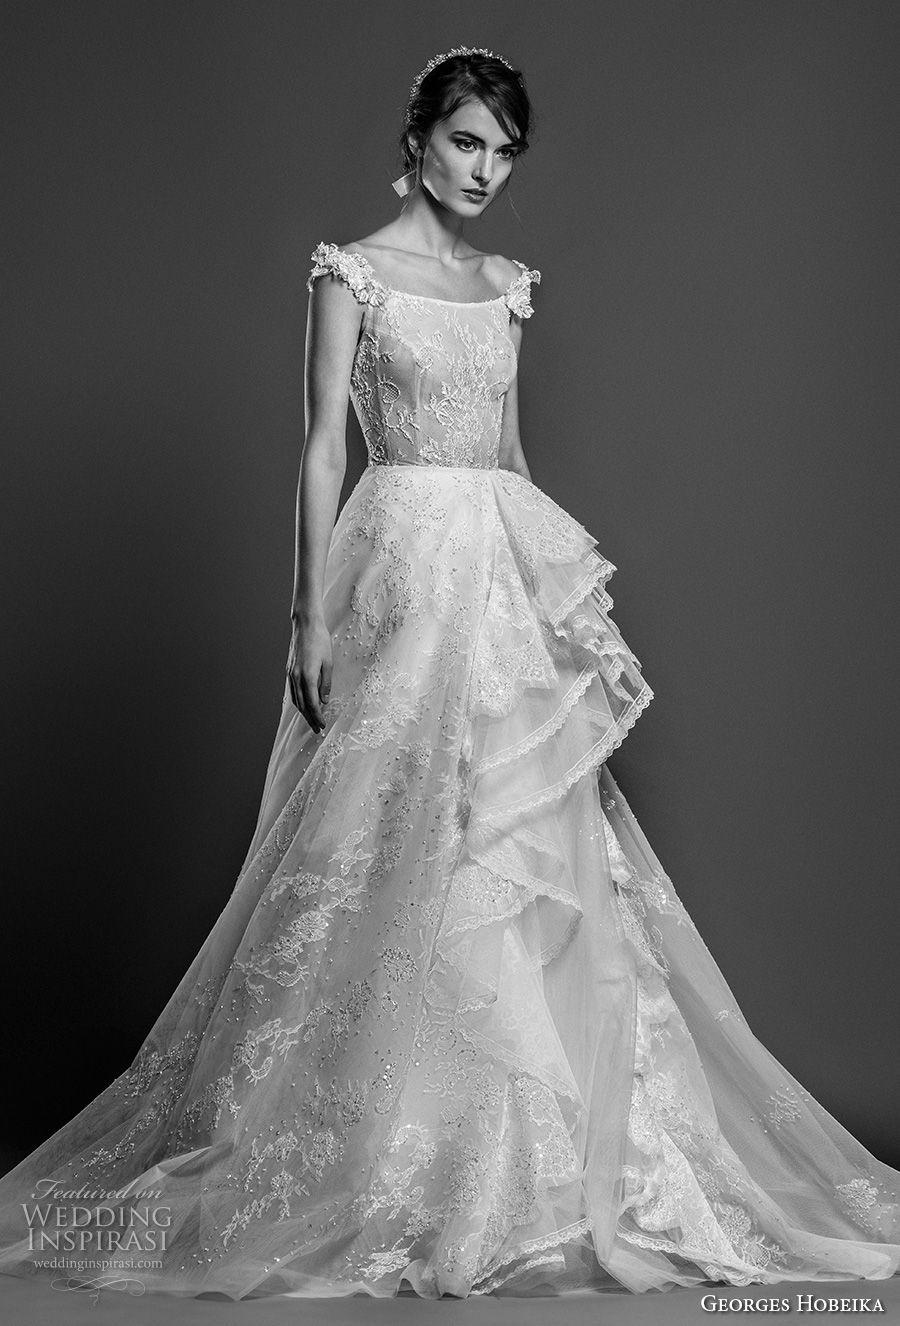 Beste Brautkleider In Fargo Nd Zeitgenössisch - Brautkleider Ideen ...